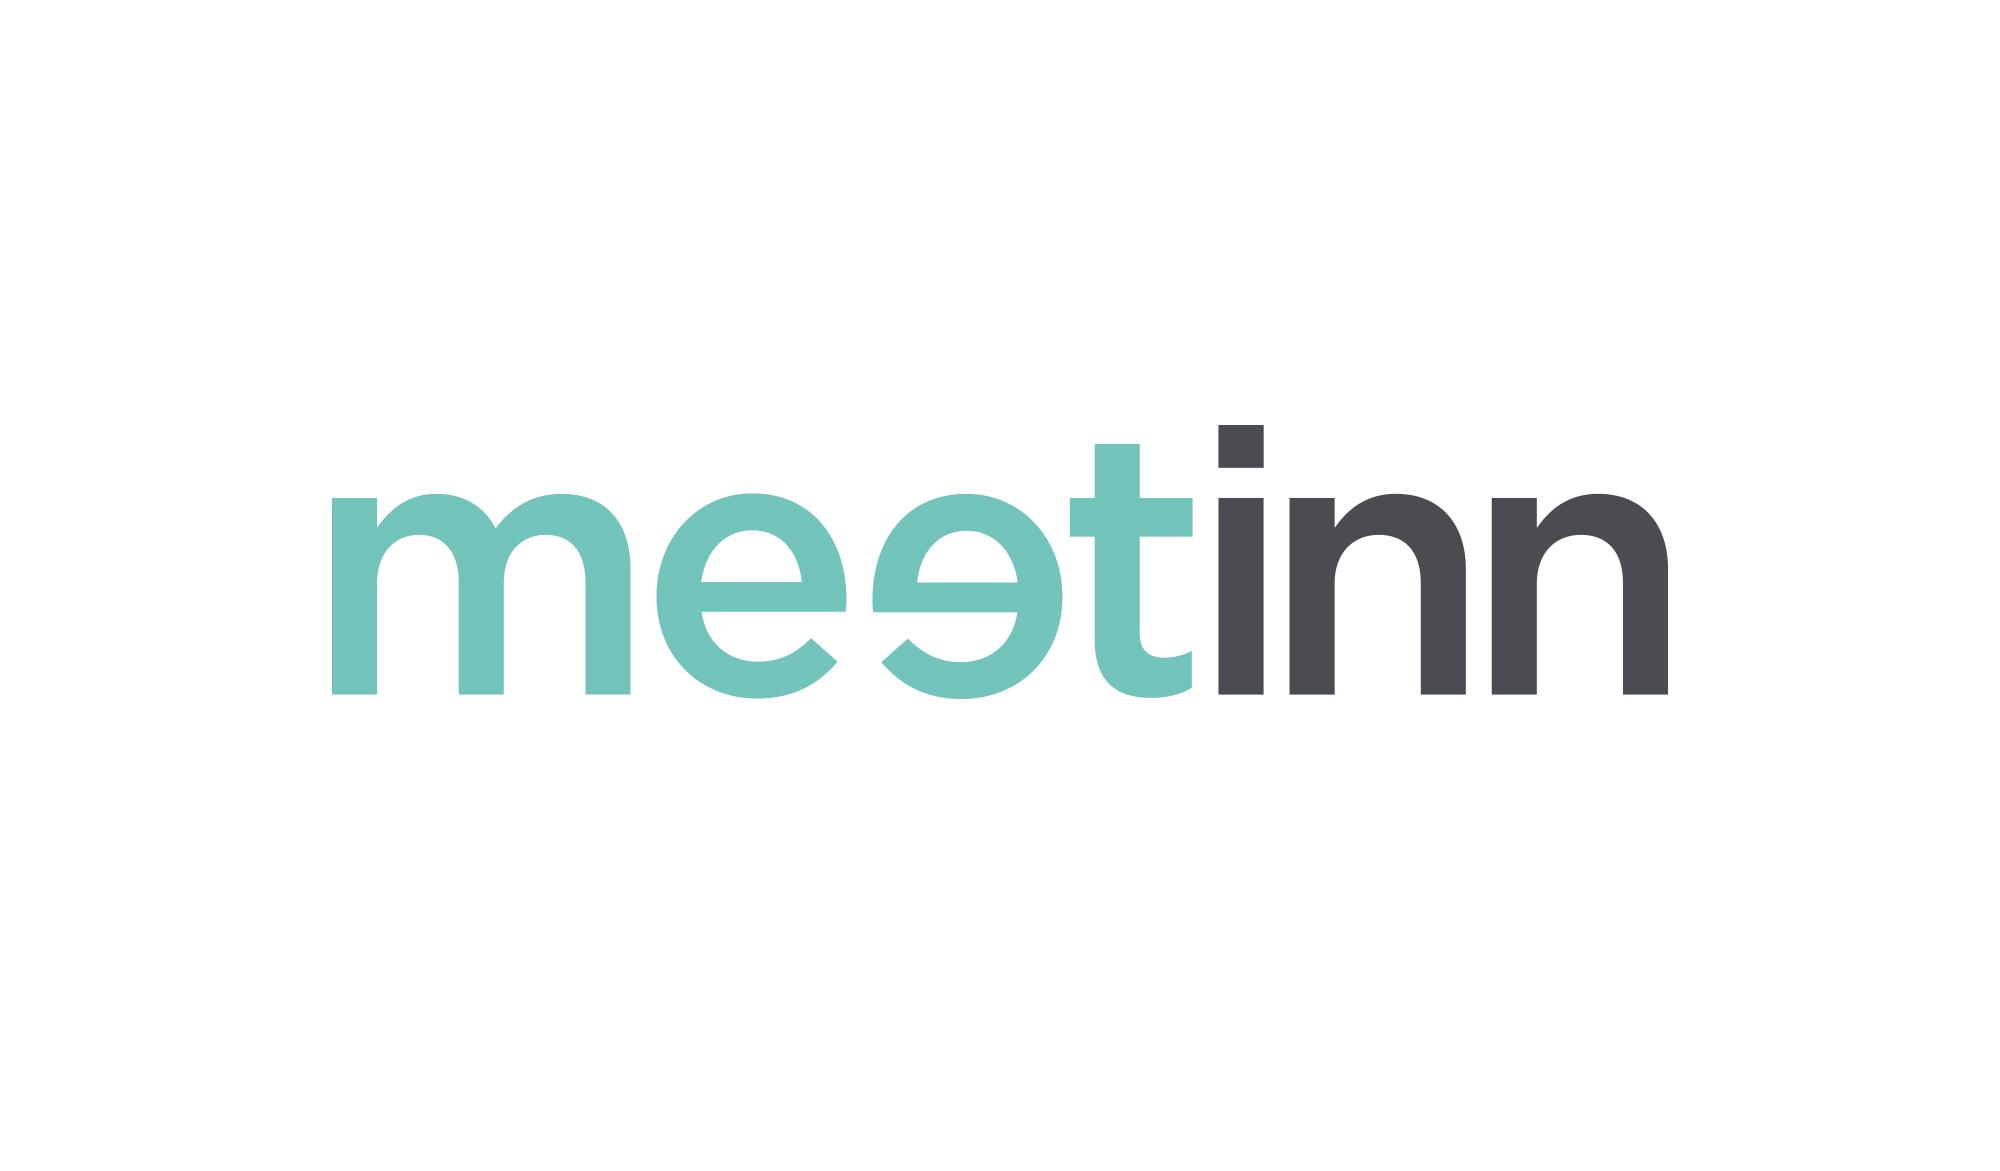 meetinn logo